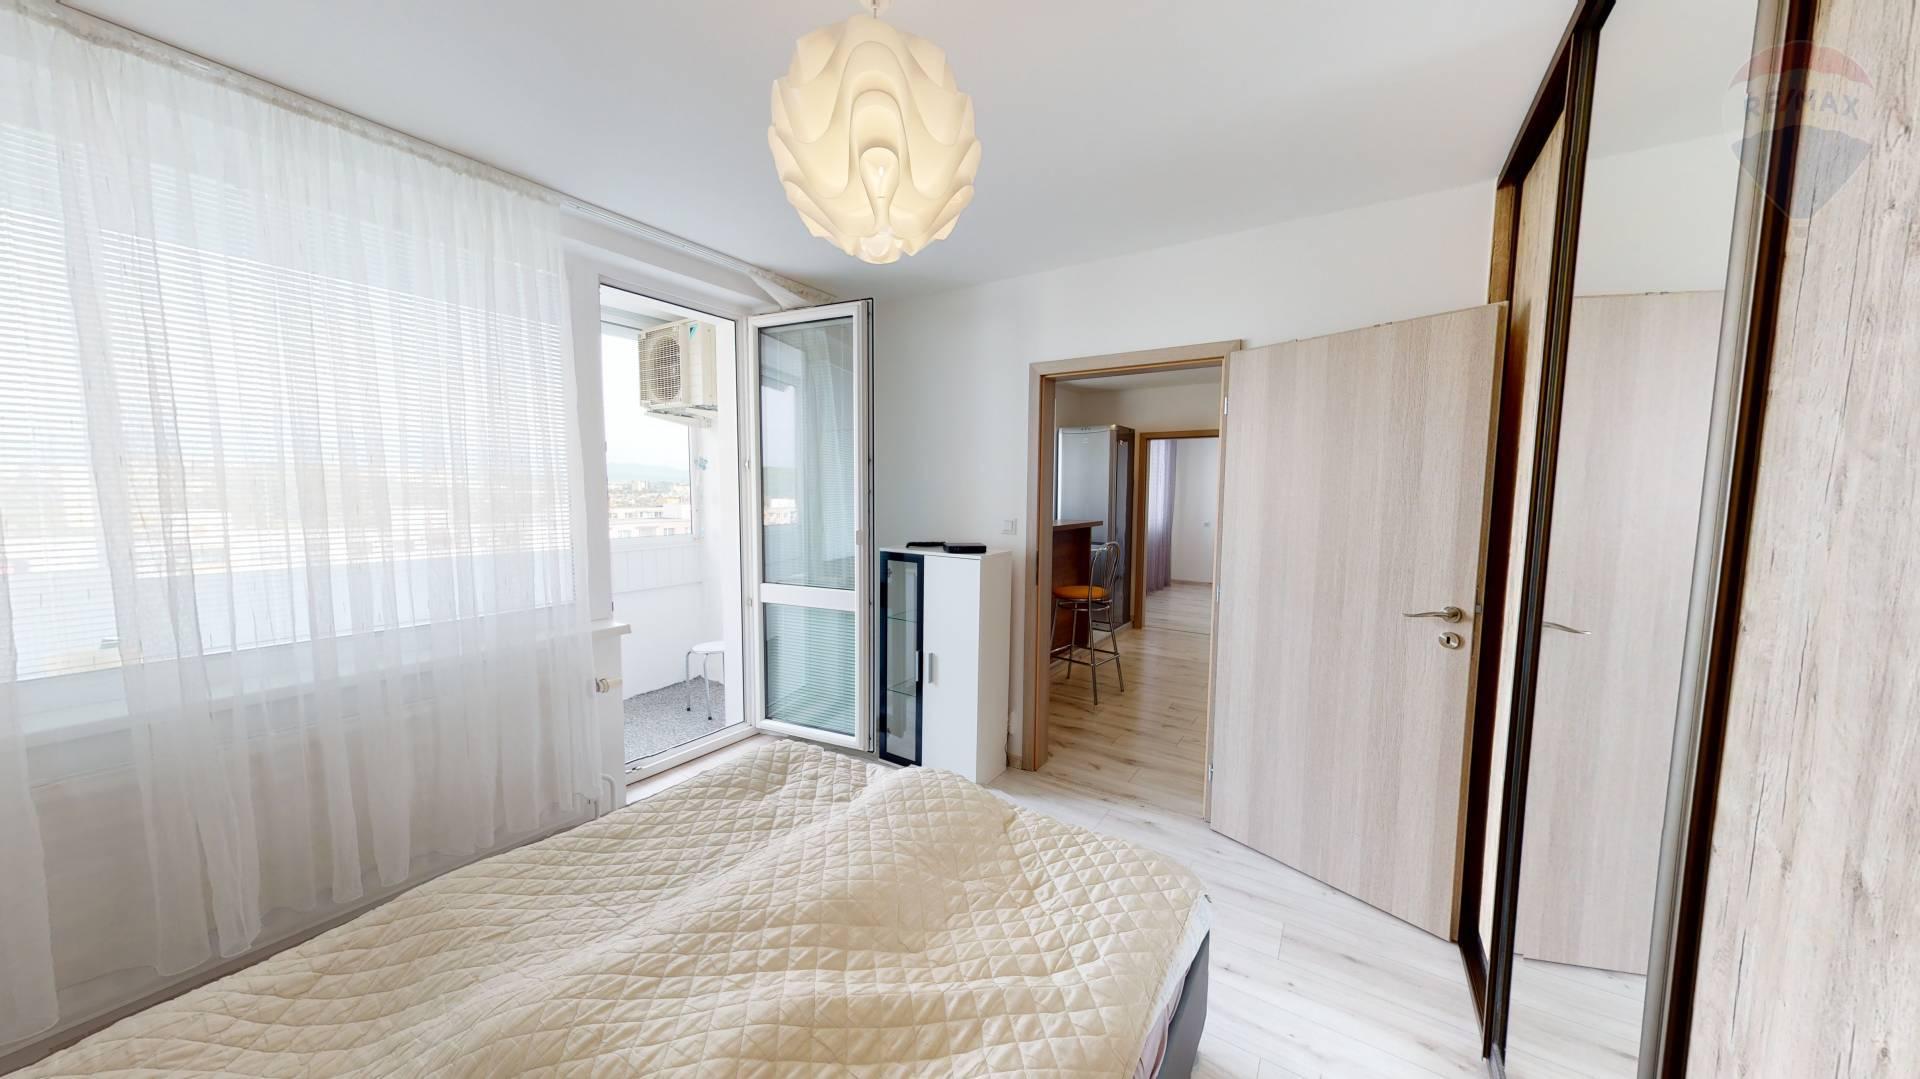 Prenájom bytu (2 izbový) 53 m2, Prešov - 2 izbový byt na prenájom, Prešov